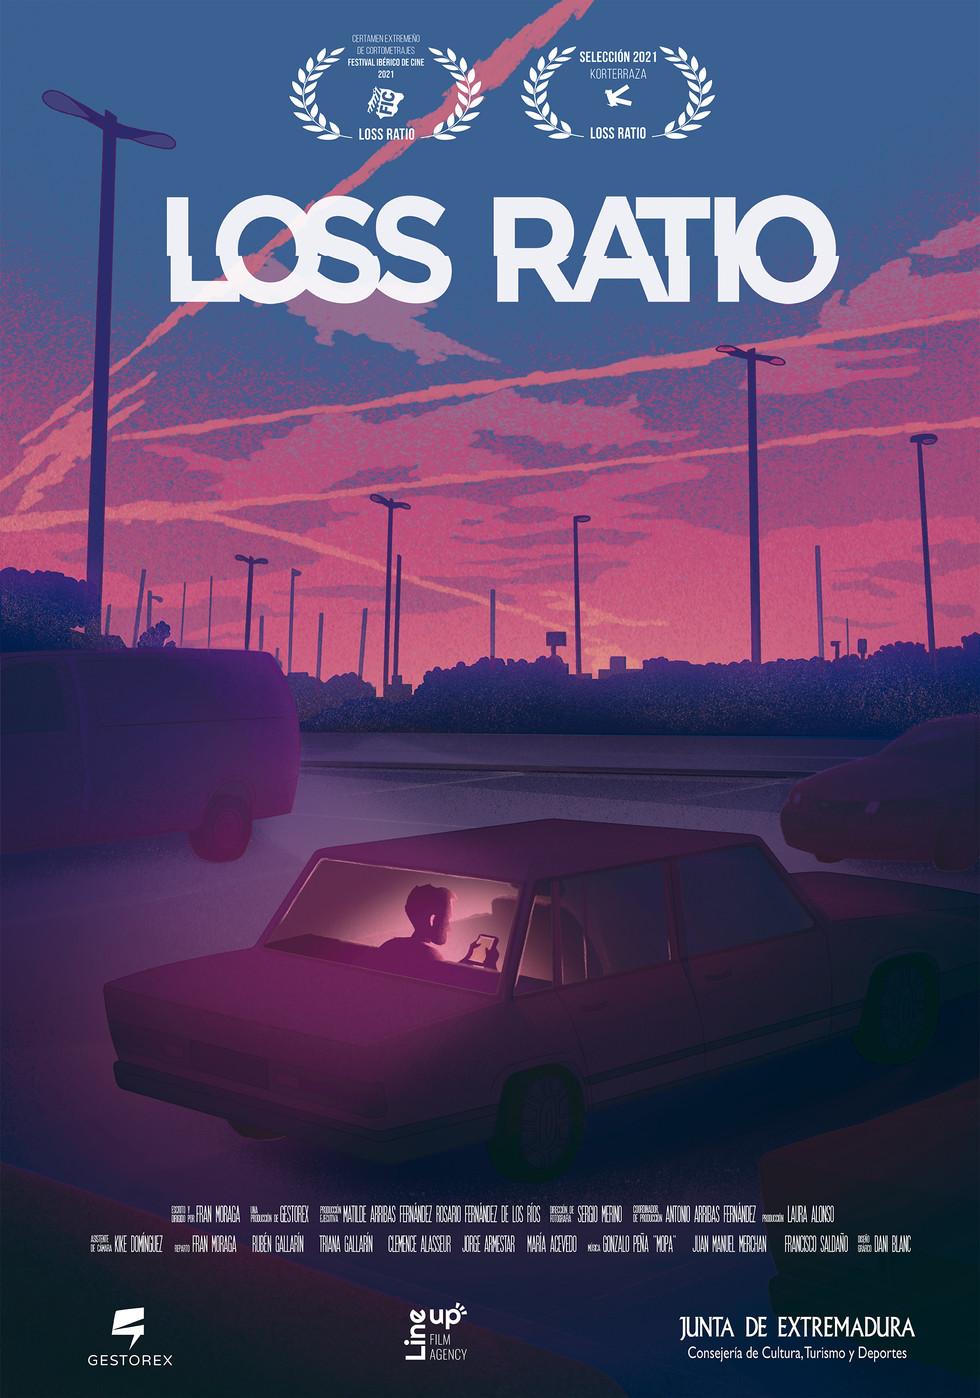 Lossratio_Last_lq.jpg